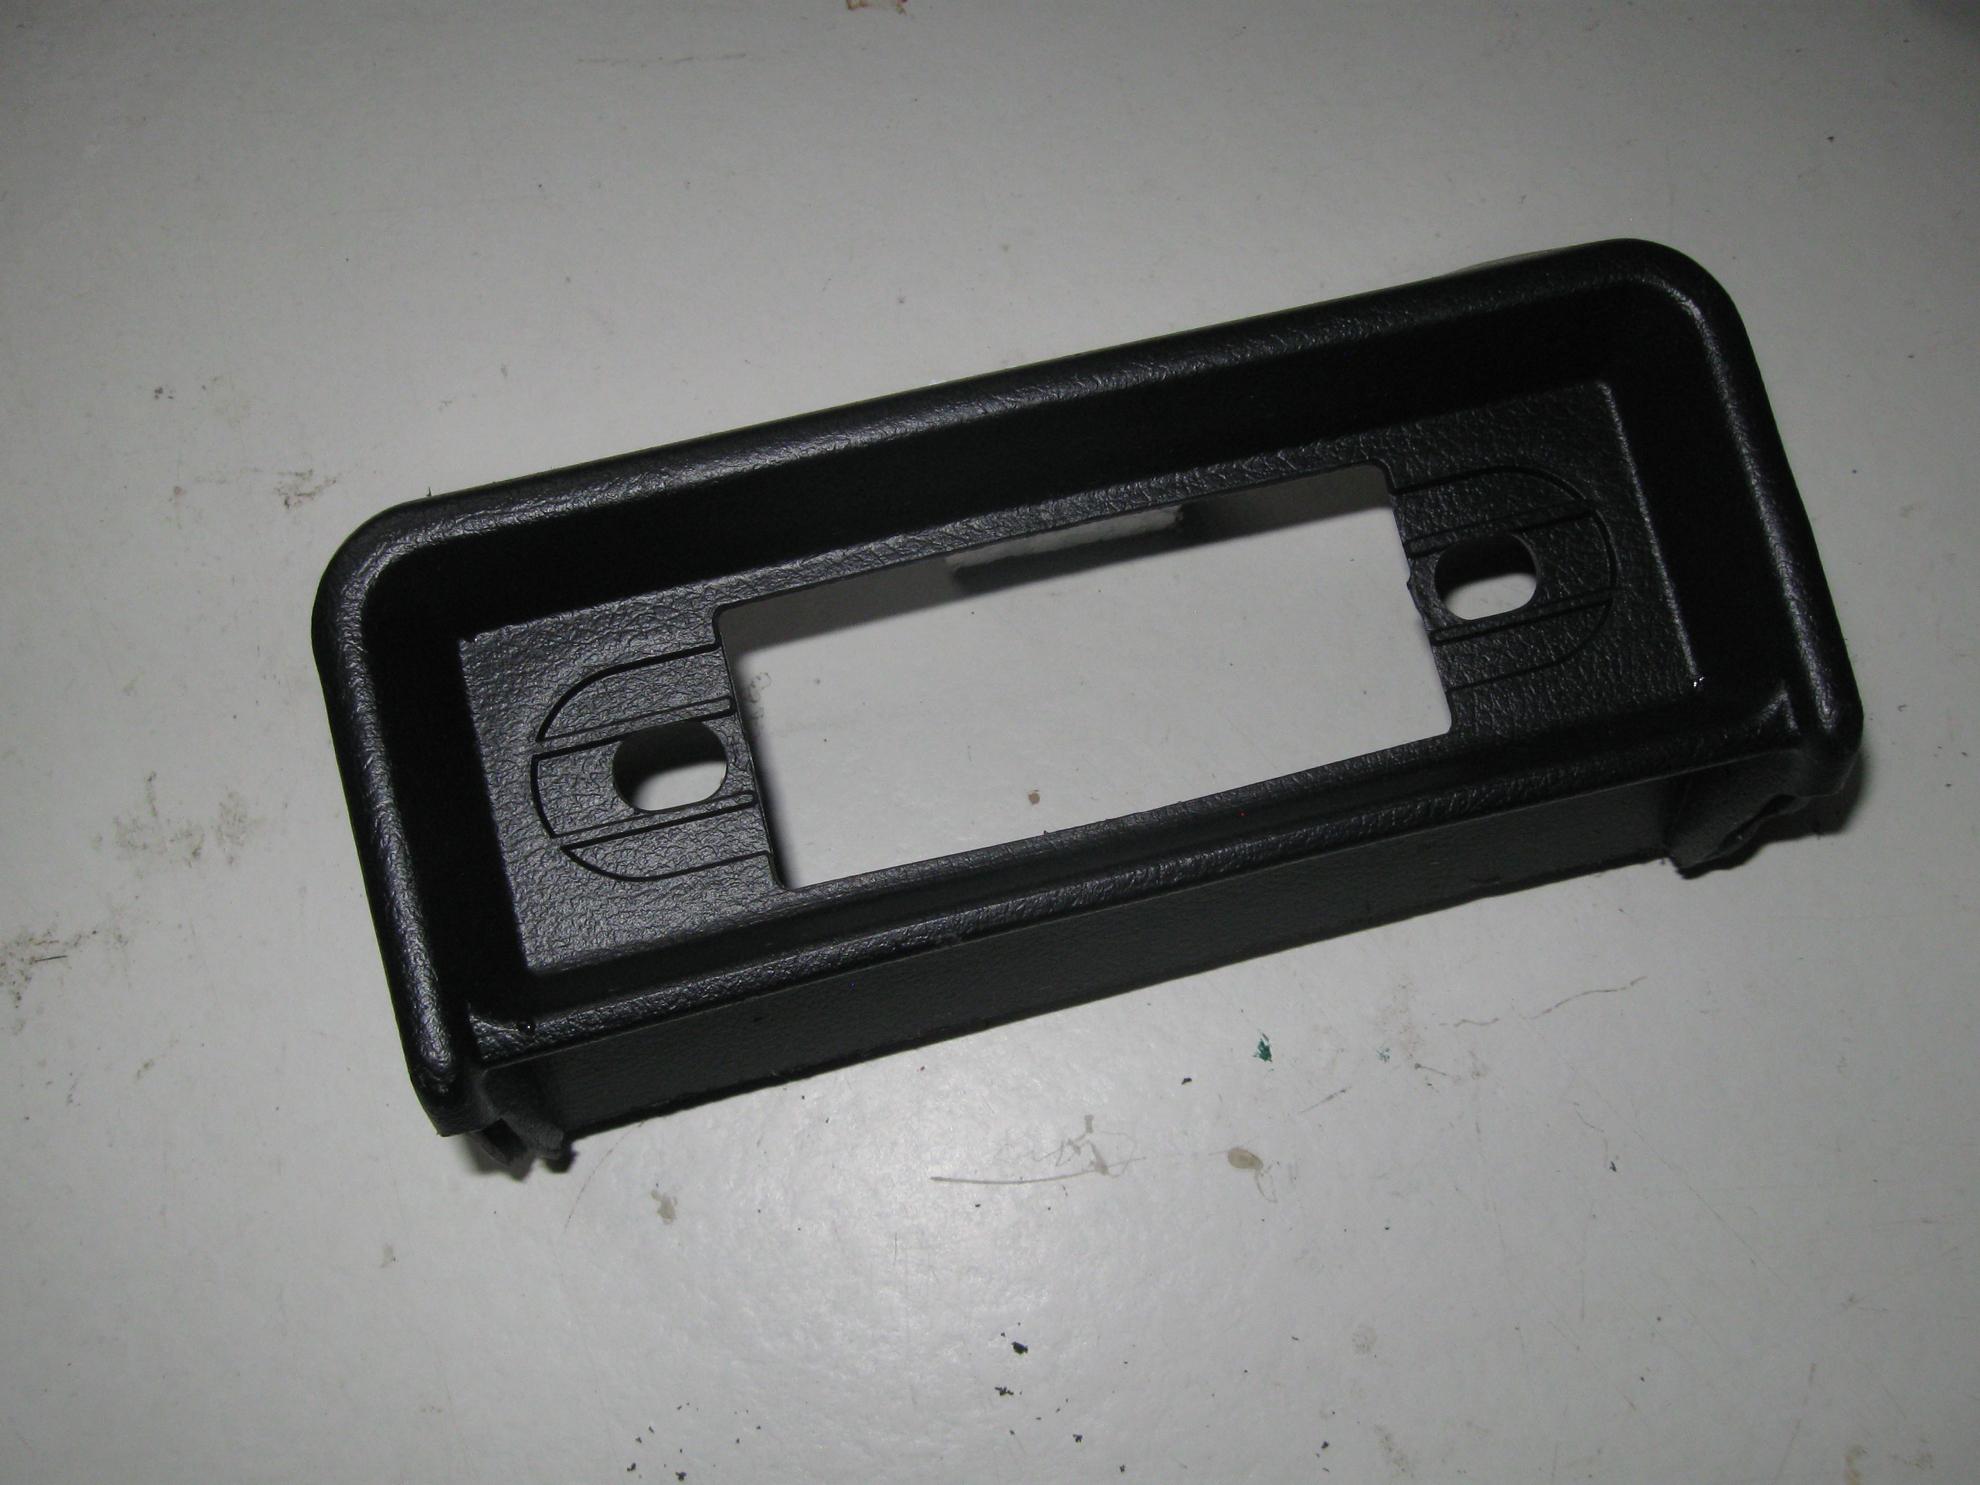 Afbeeldingen van radioconsole 1300 op dashboard, zwart